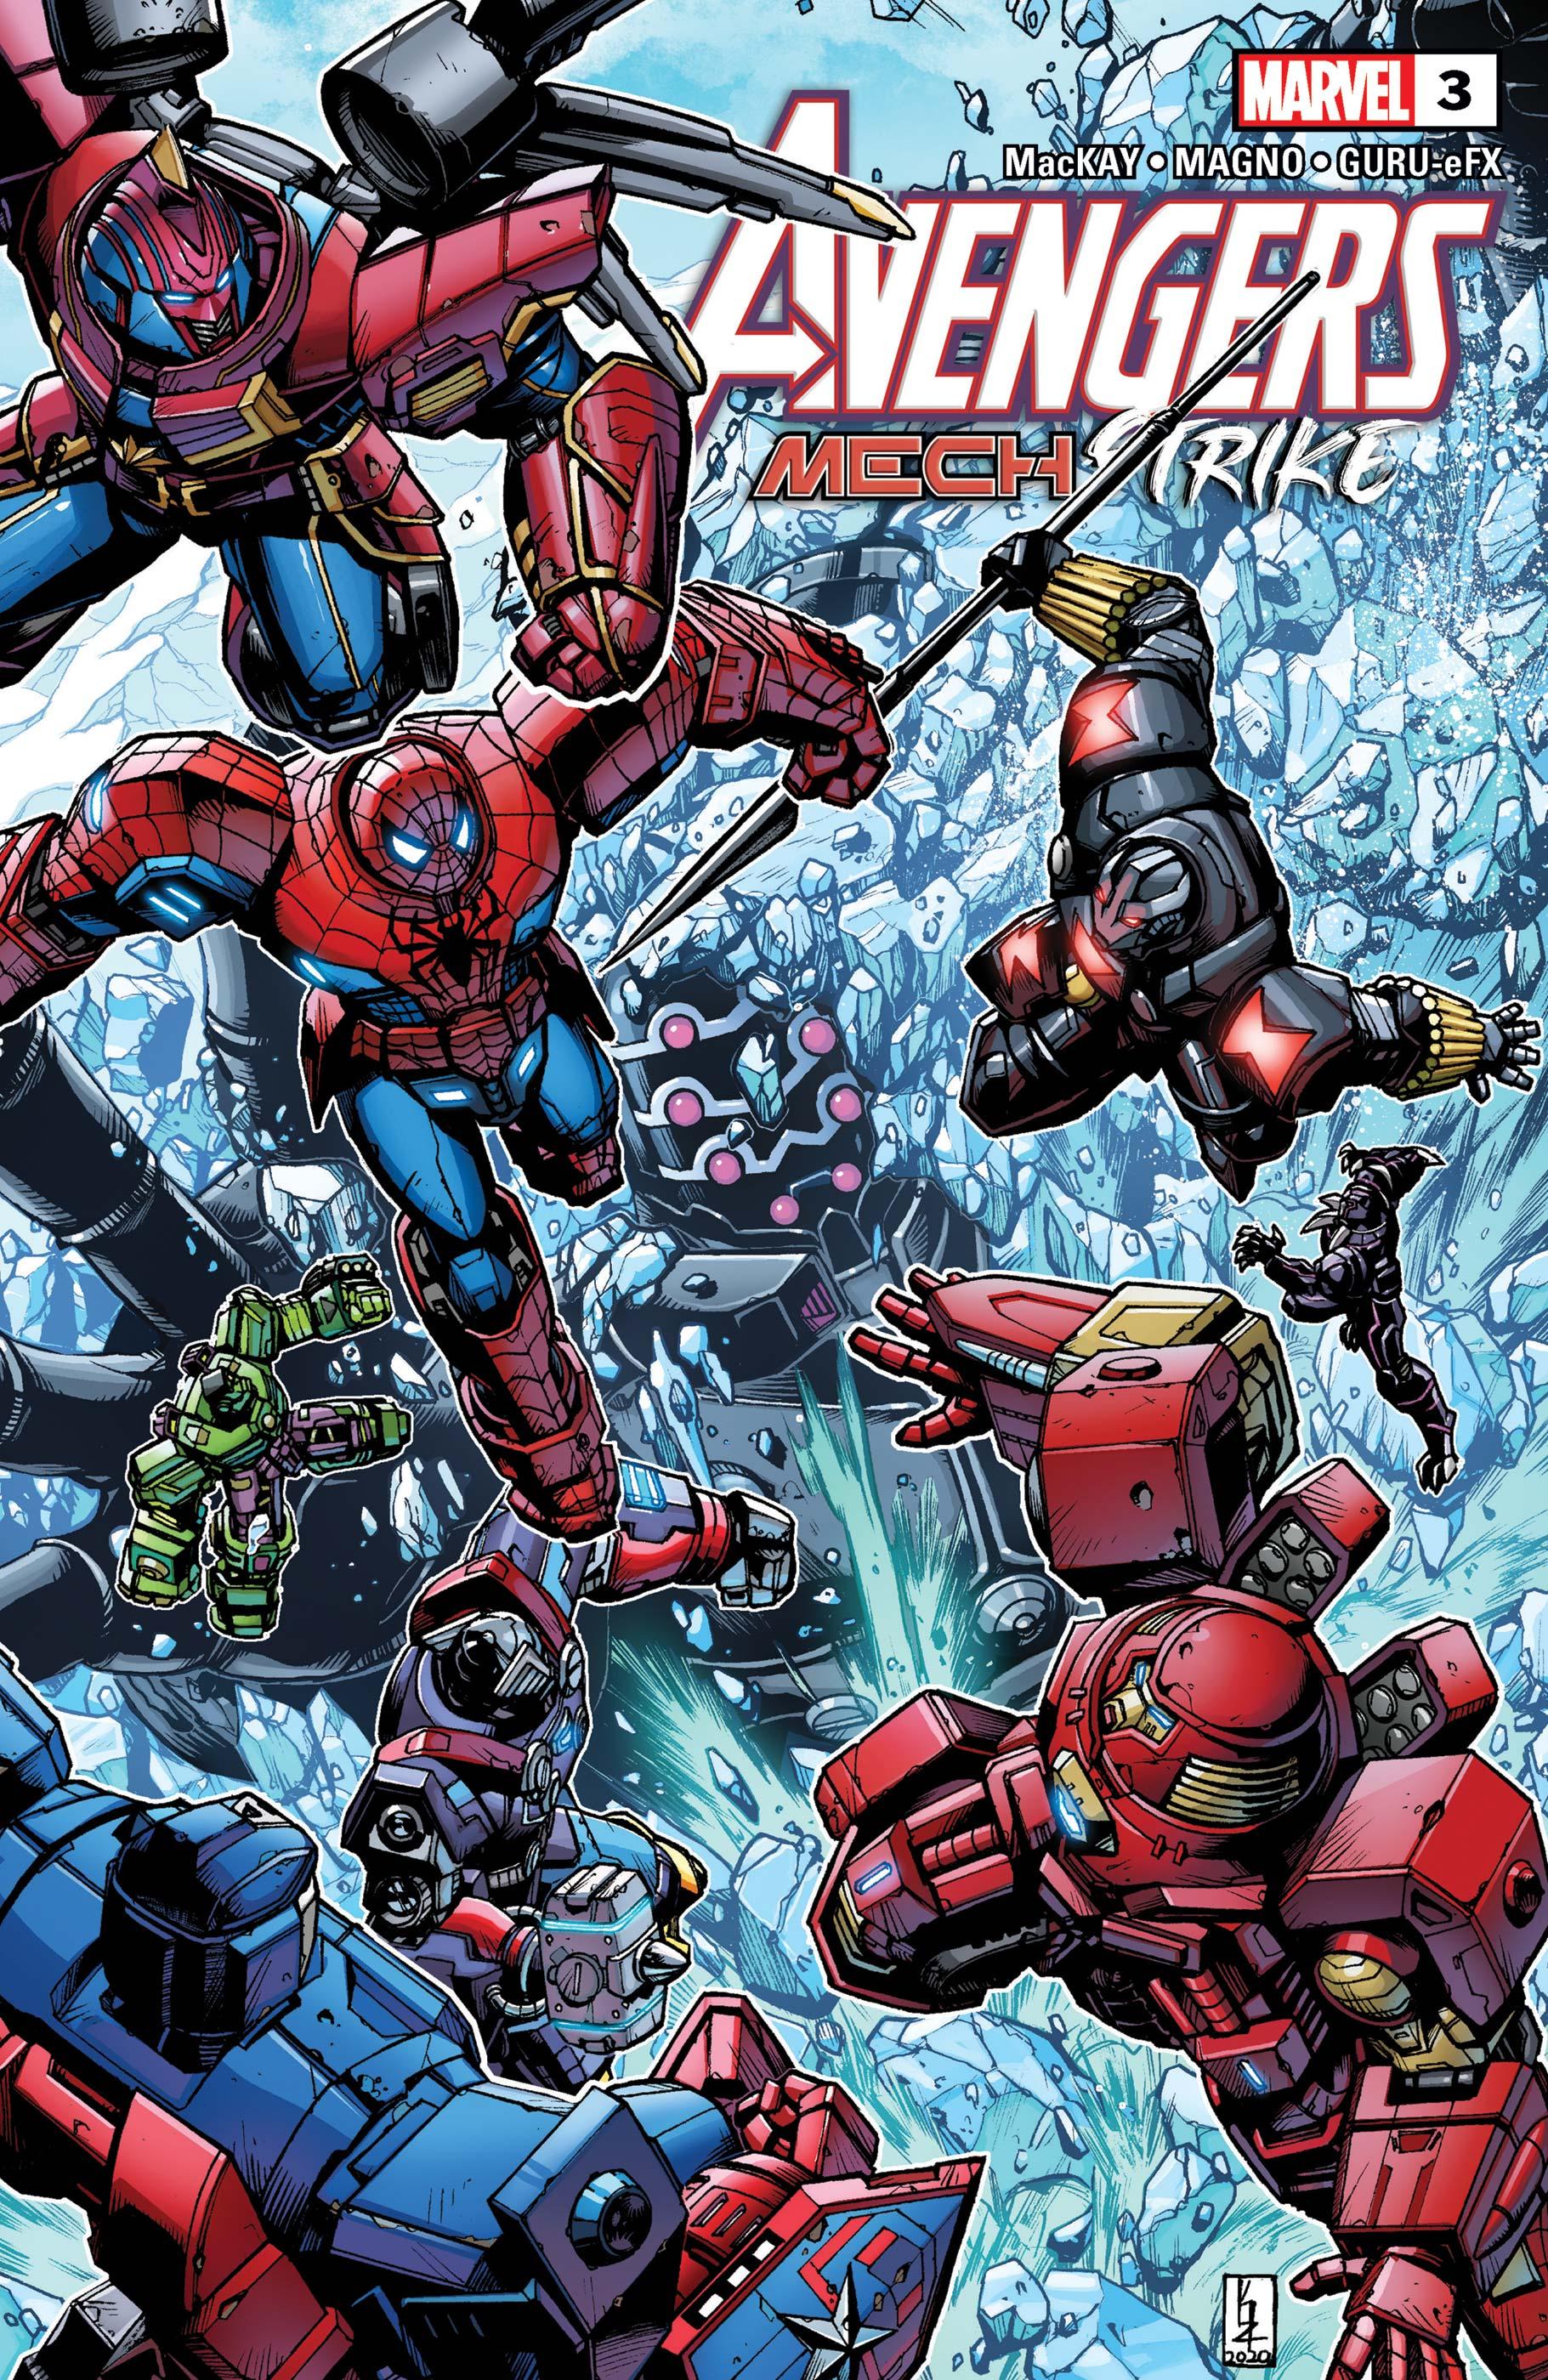 Avengers Mech Strike (2021) #3